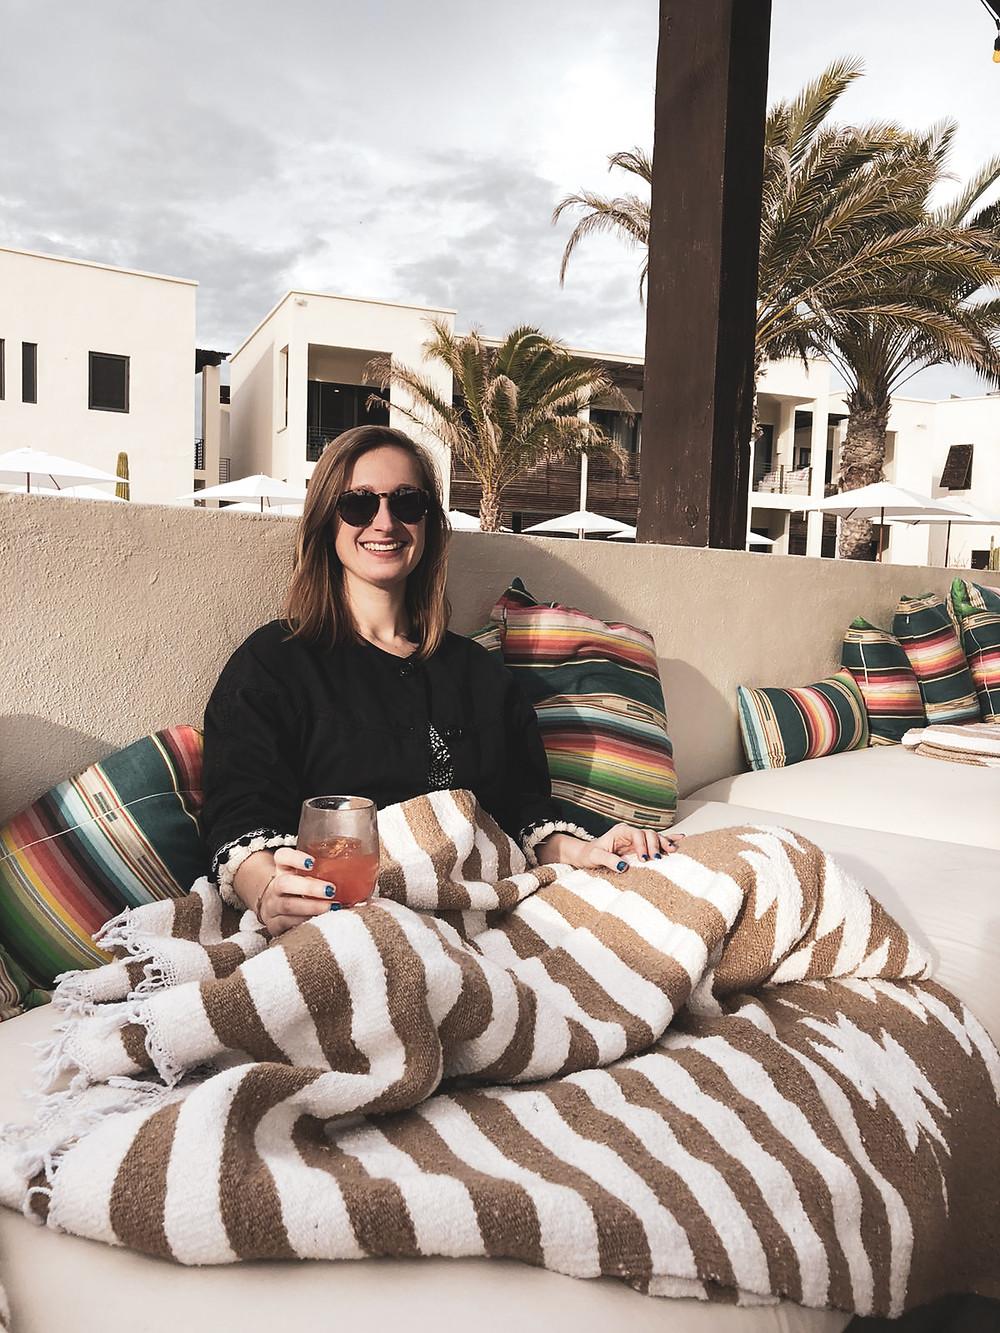 Destination Wedding Planner, Mexico, Los Cabos, Todos Santos, Baja Coast